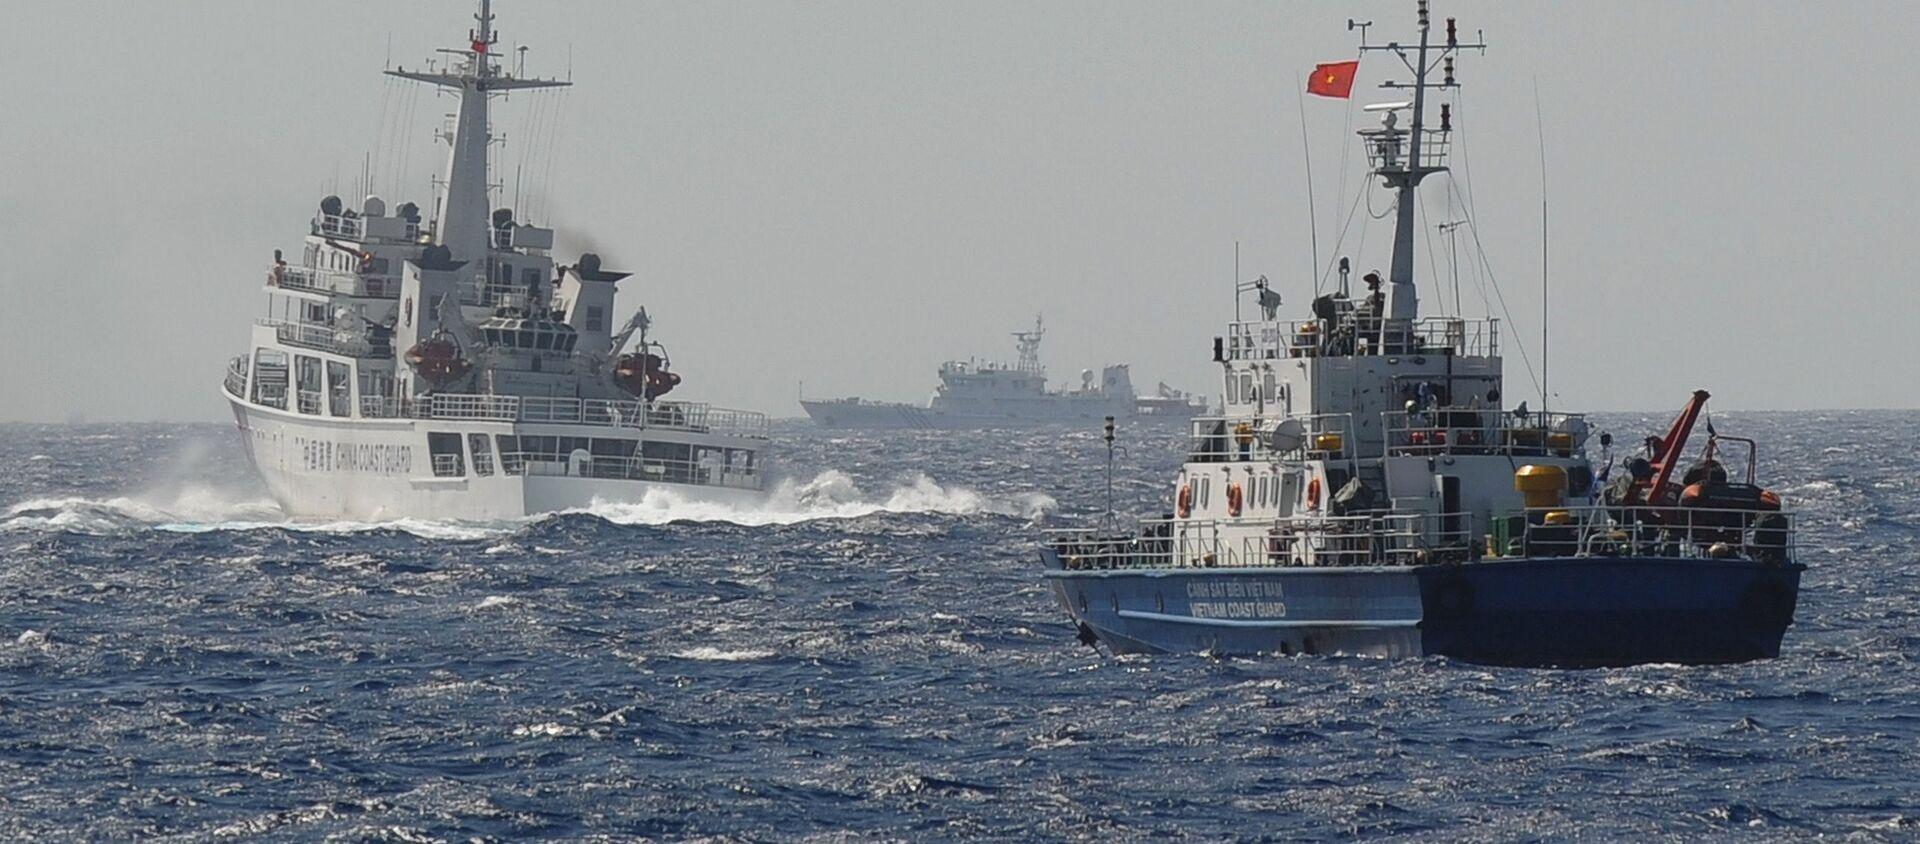 Tàu Cảnh sát biển Việt Nam và Trung Quốc gần vị trí đặt giàn khoan dầu của Trung Quốc trên Biển Đông - Sputnik Việt Nam, 1920, 08.07.2021